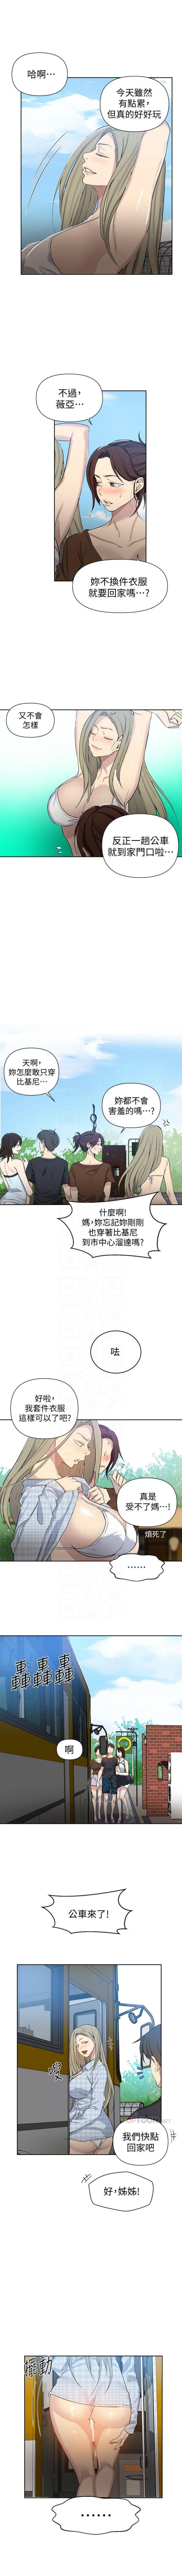 秘密教學  1-63 官方中文(連載中) 399